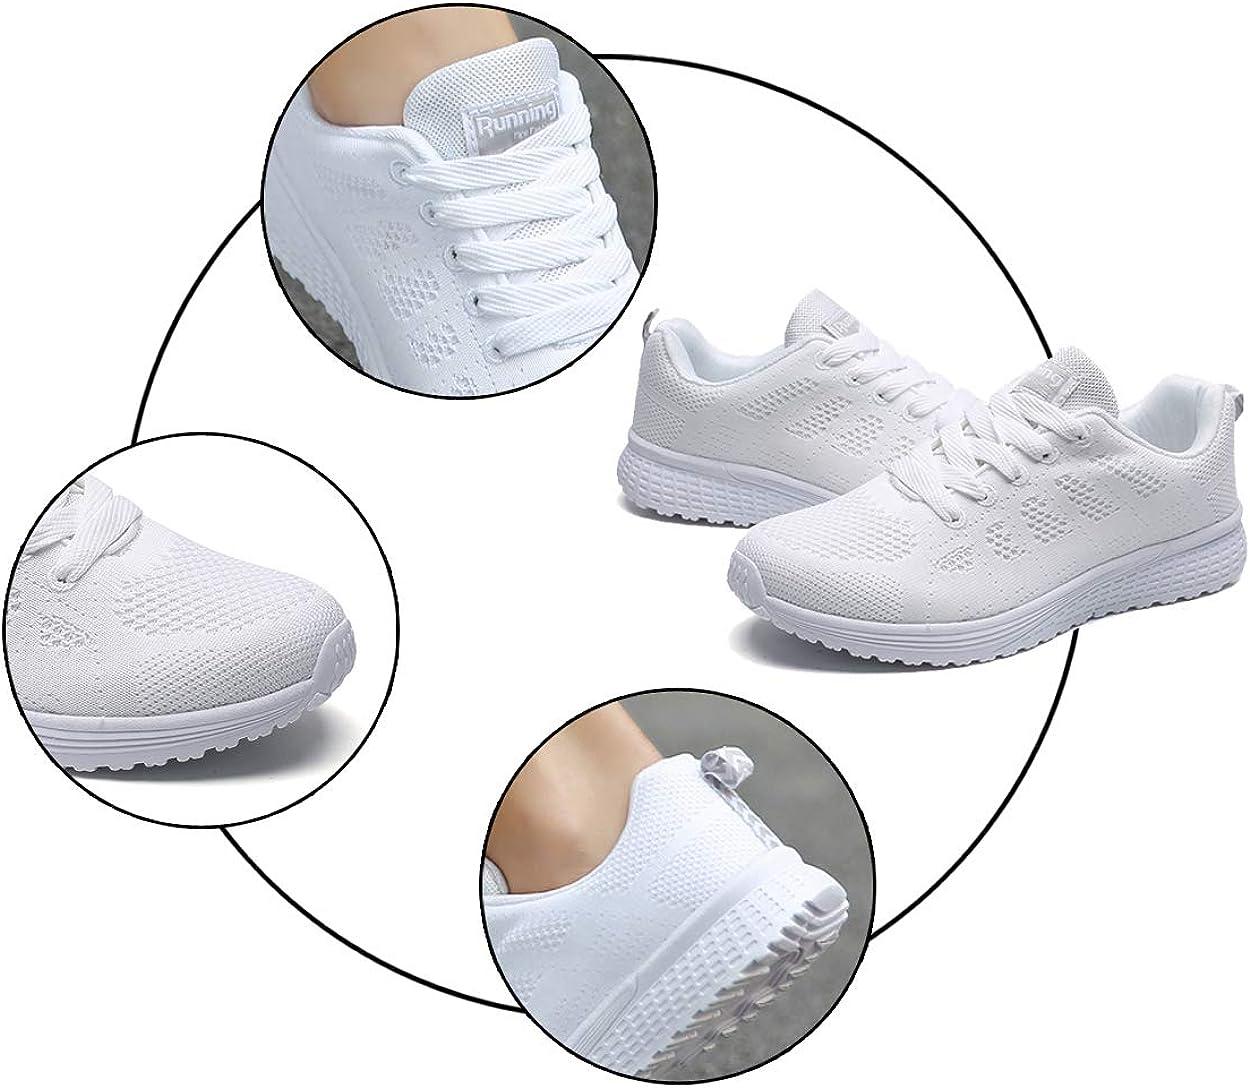 Decai Femmes Baskets Running Fitness Course Basses Athl/étique Marche Gym Filets Chaussures Respirant Maille /À Lacets Leger Sport Run Baskets Blanc Noir Rose 35-44 EU